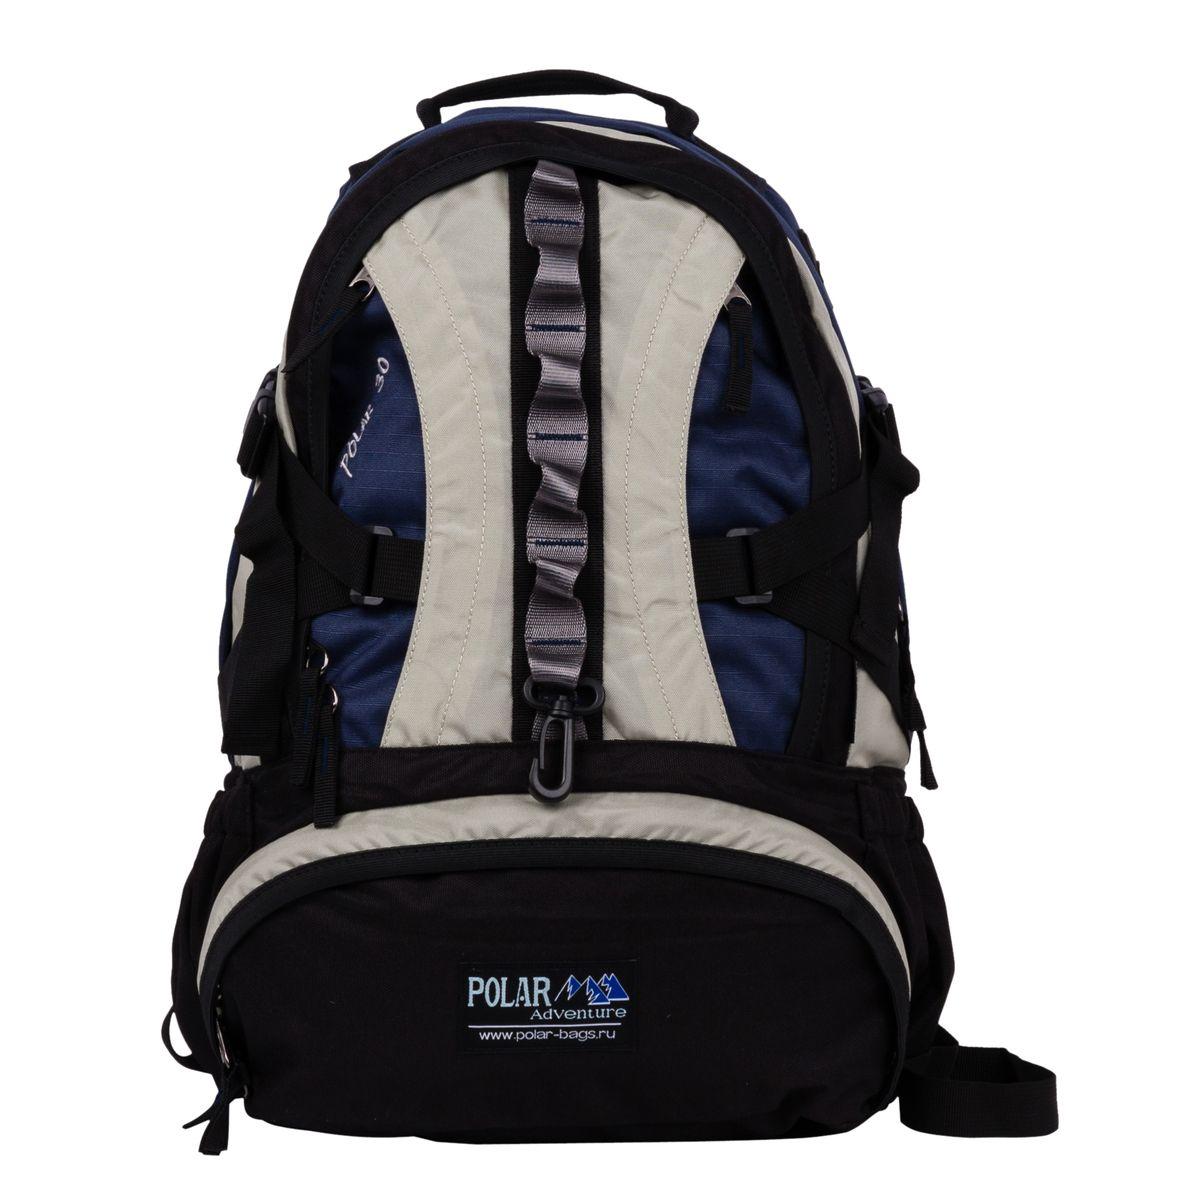 Рюкзак городской Polar, цвет: синий, 27 л. П1003-043820016_7490Городской рюкзак Polar с модным дизайном. - Полностью вентилируемая и удобная мягкая спинка, мягкие плечевые лямки создают дополнительный комфортпри ношении. - Центральный отсек для персональных вещей и документов A4 на двухсторонних молниях для удобства. - Маленький карман для mp3, CD плеера. - Два боковых кармана под бутылки с водой на резинке.- Регулирующая грудная стяжка с удобным фиксатором.- Регулирующий поясной ремень, удерживает плотно рюкзак на спине, что очень удобно при езде на велосипеде или продолжительных походах.- Большой отсек для спортивной обуви.